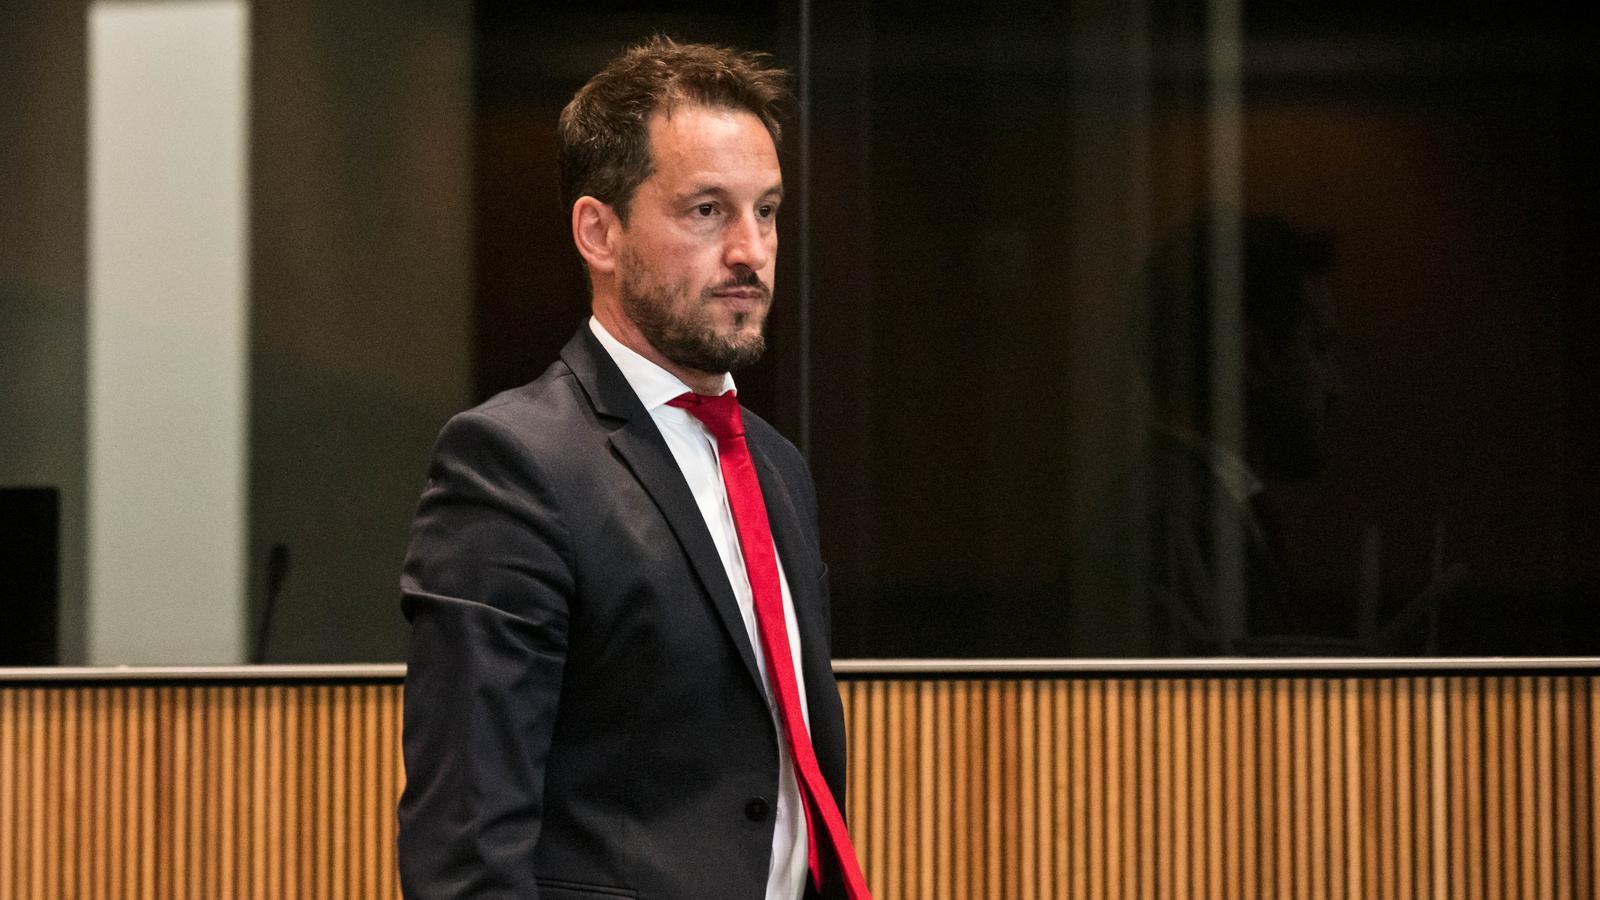 El president del grup parlamentari socialdemòcrata, Pere López. / PARTIT SOCIALDEMÒCRATA